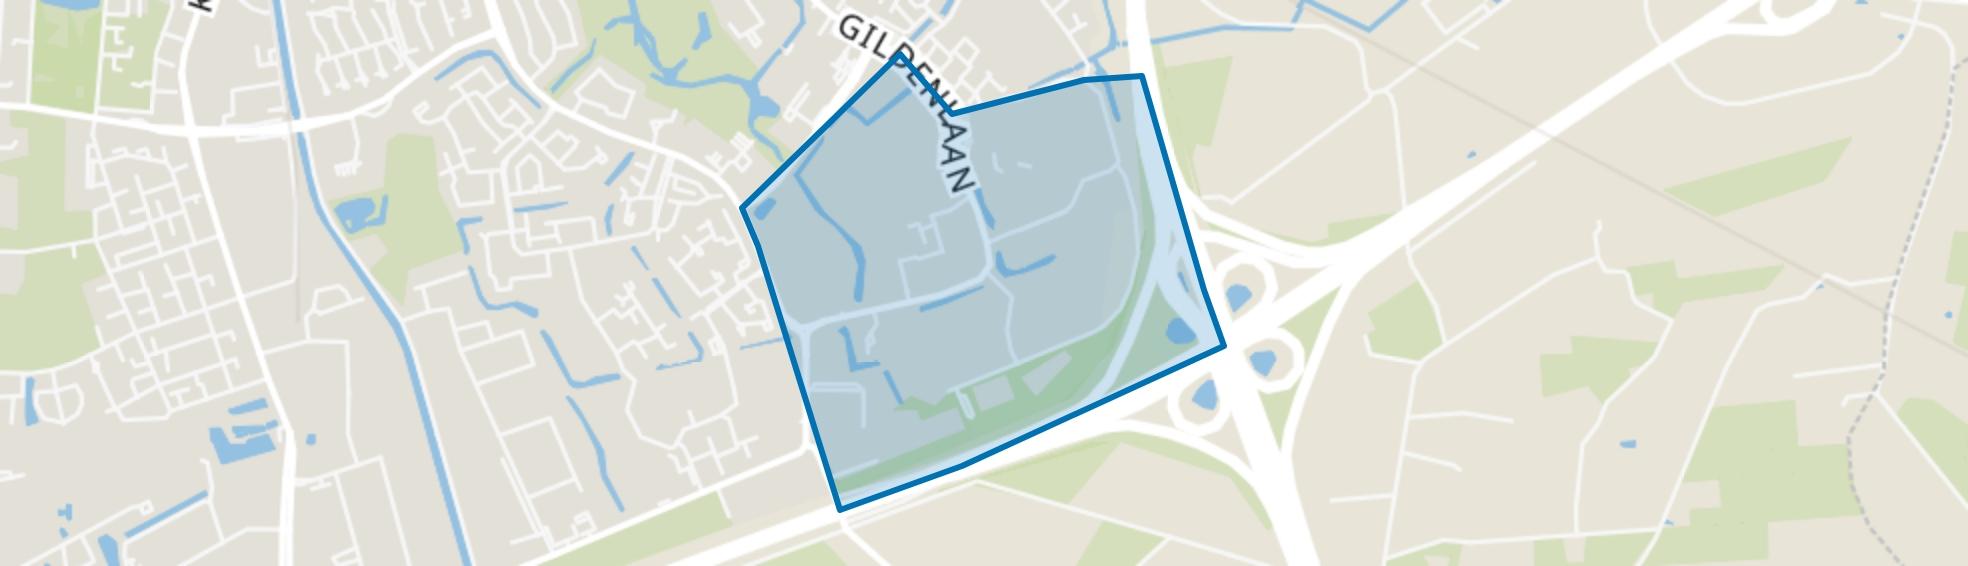 Matenhoeve, Apeldoorn map